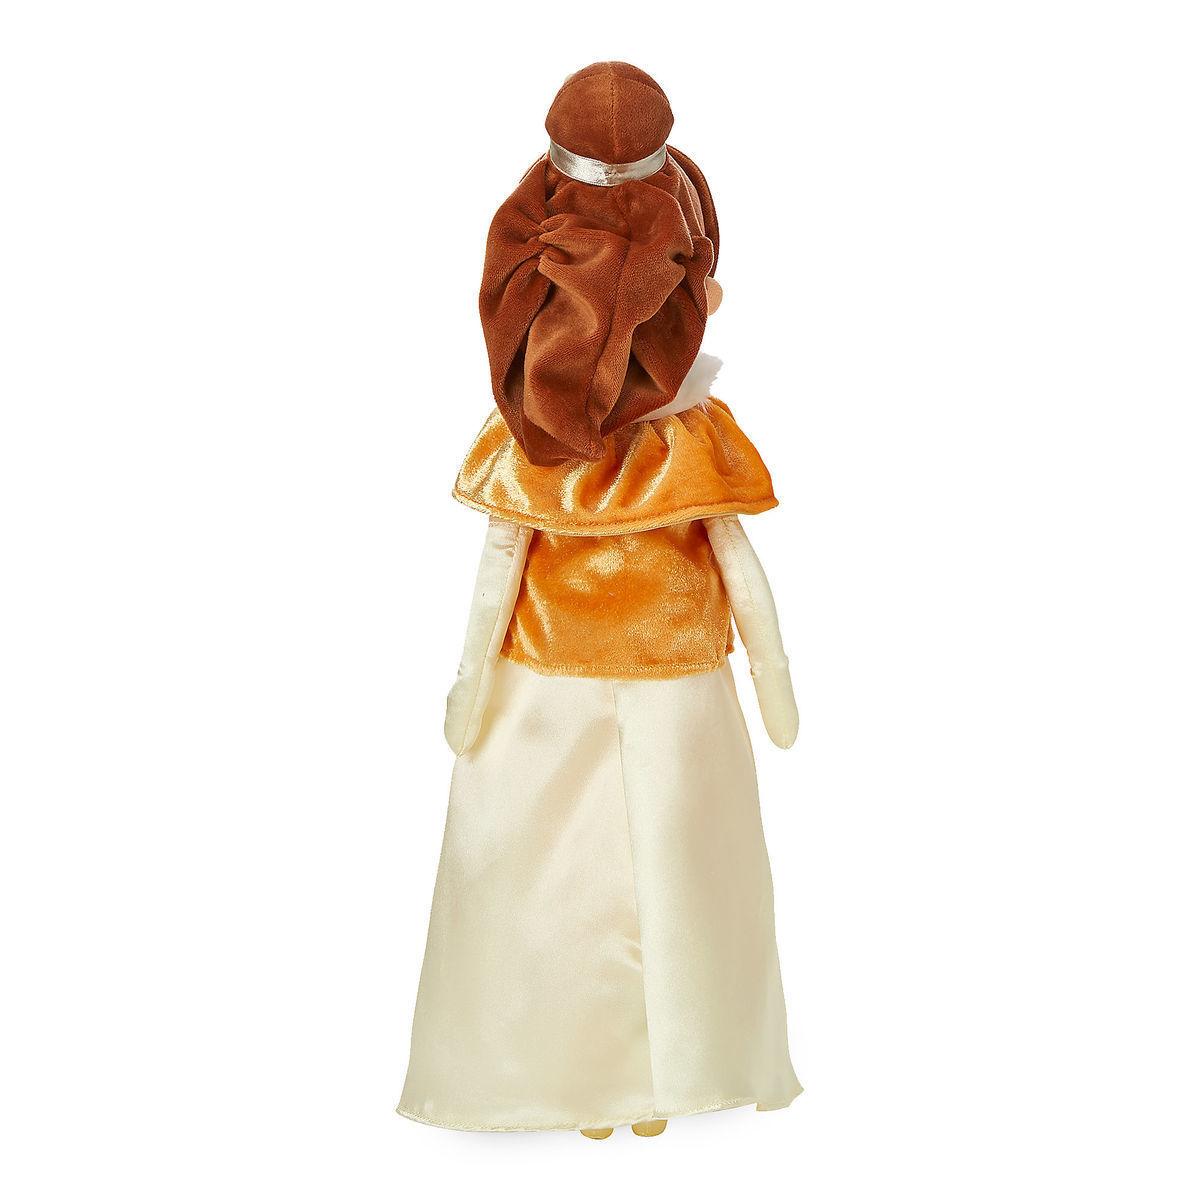 Мягкая кукла Бэль в зимней накидке - Дисней 46 см